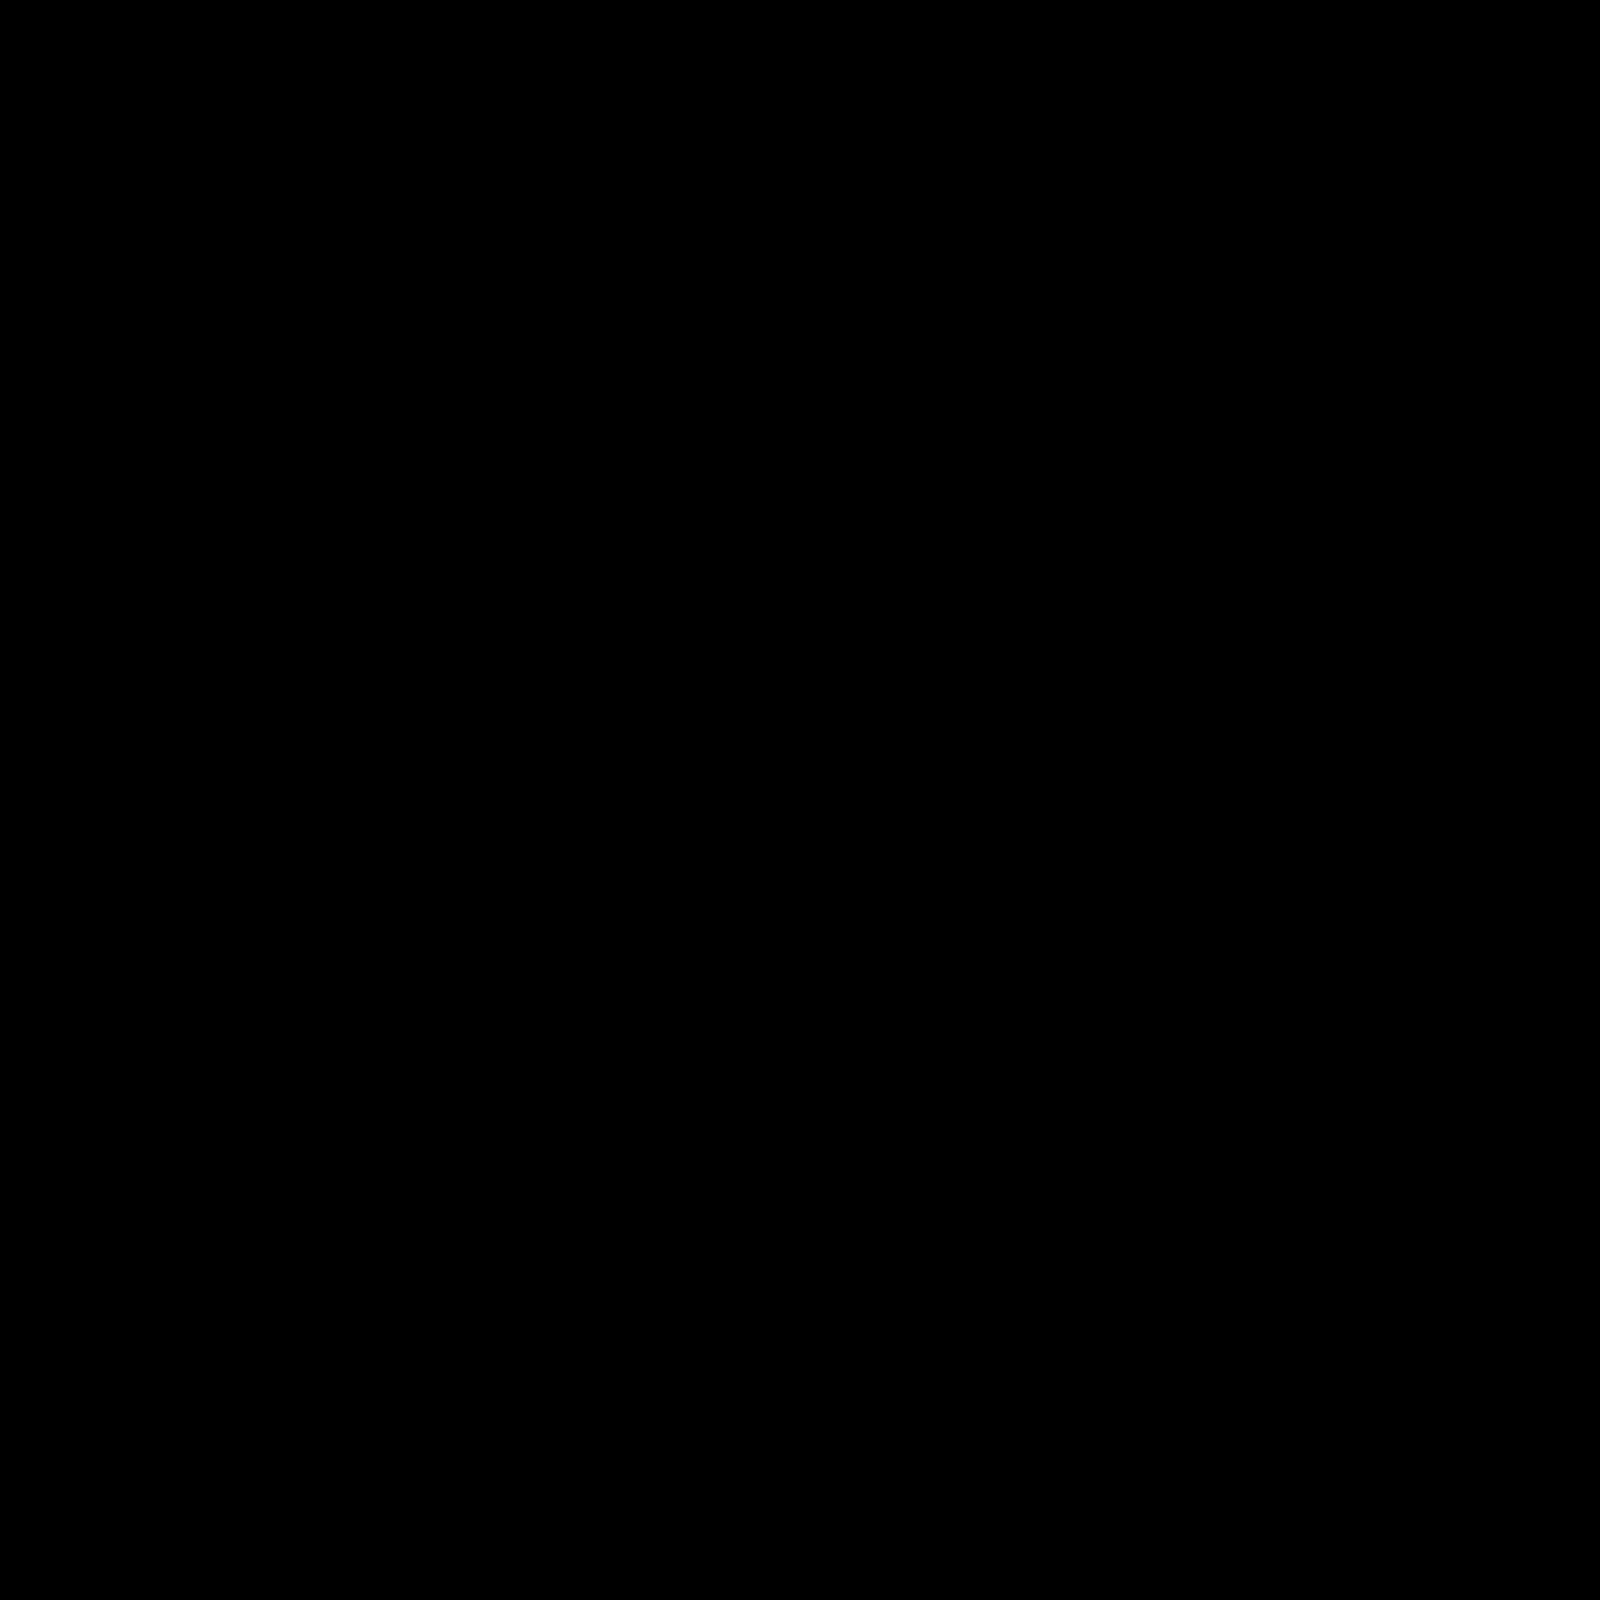 Иконка Jsfiddle - скачать бесплатно в PNG и векторе 1fcb708b50e